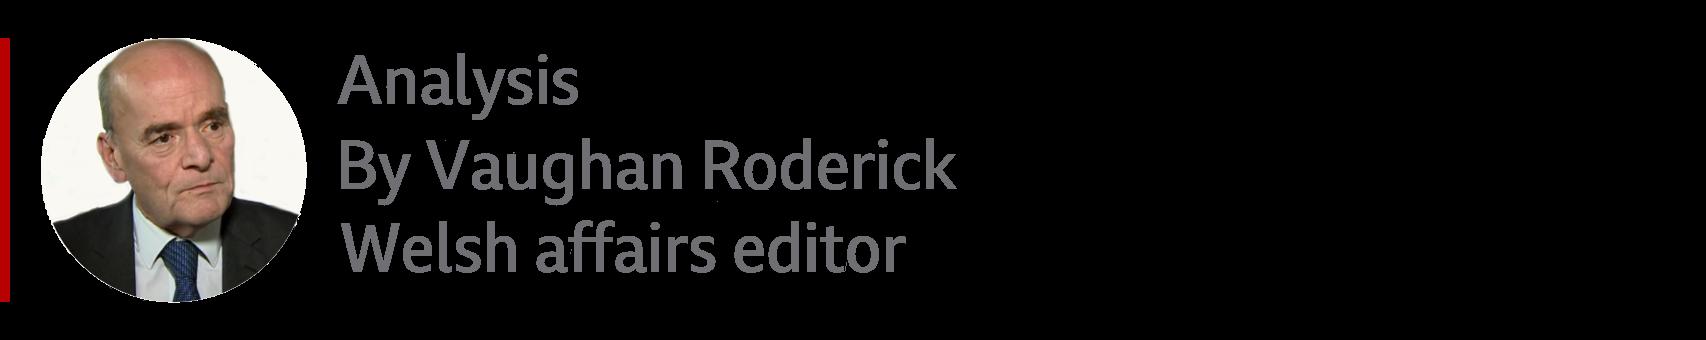 Vaughan Roderick banner